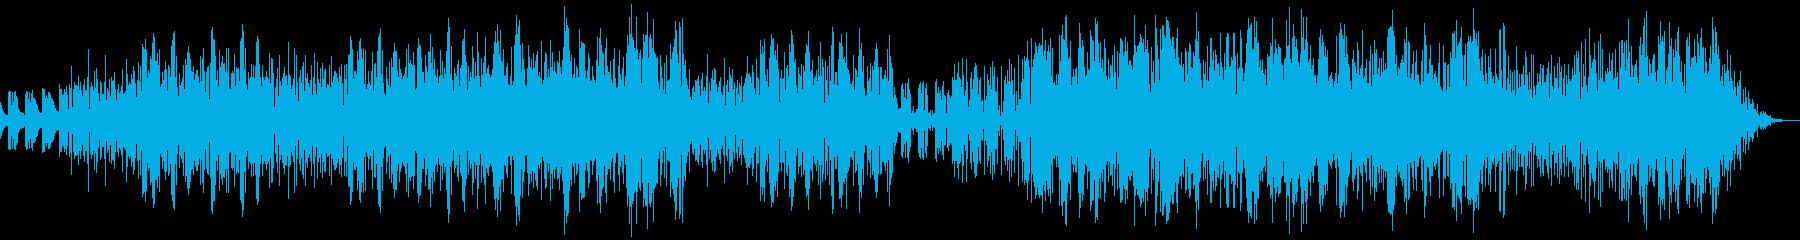 滑らかで軽いジャズのフィーリングは...の再生済みの波形